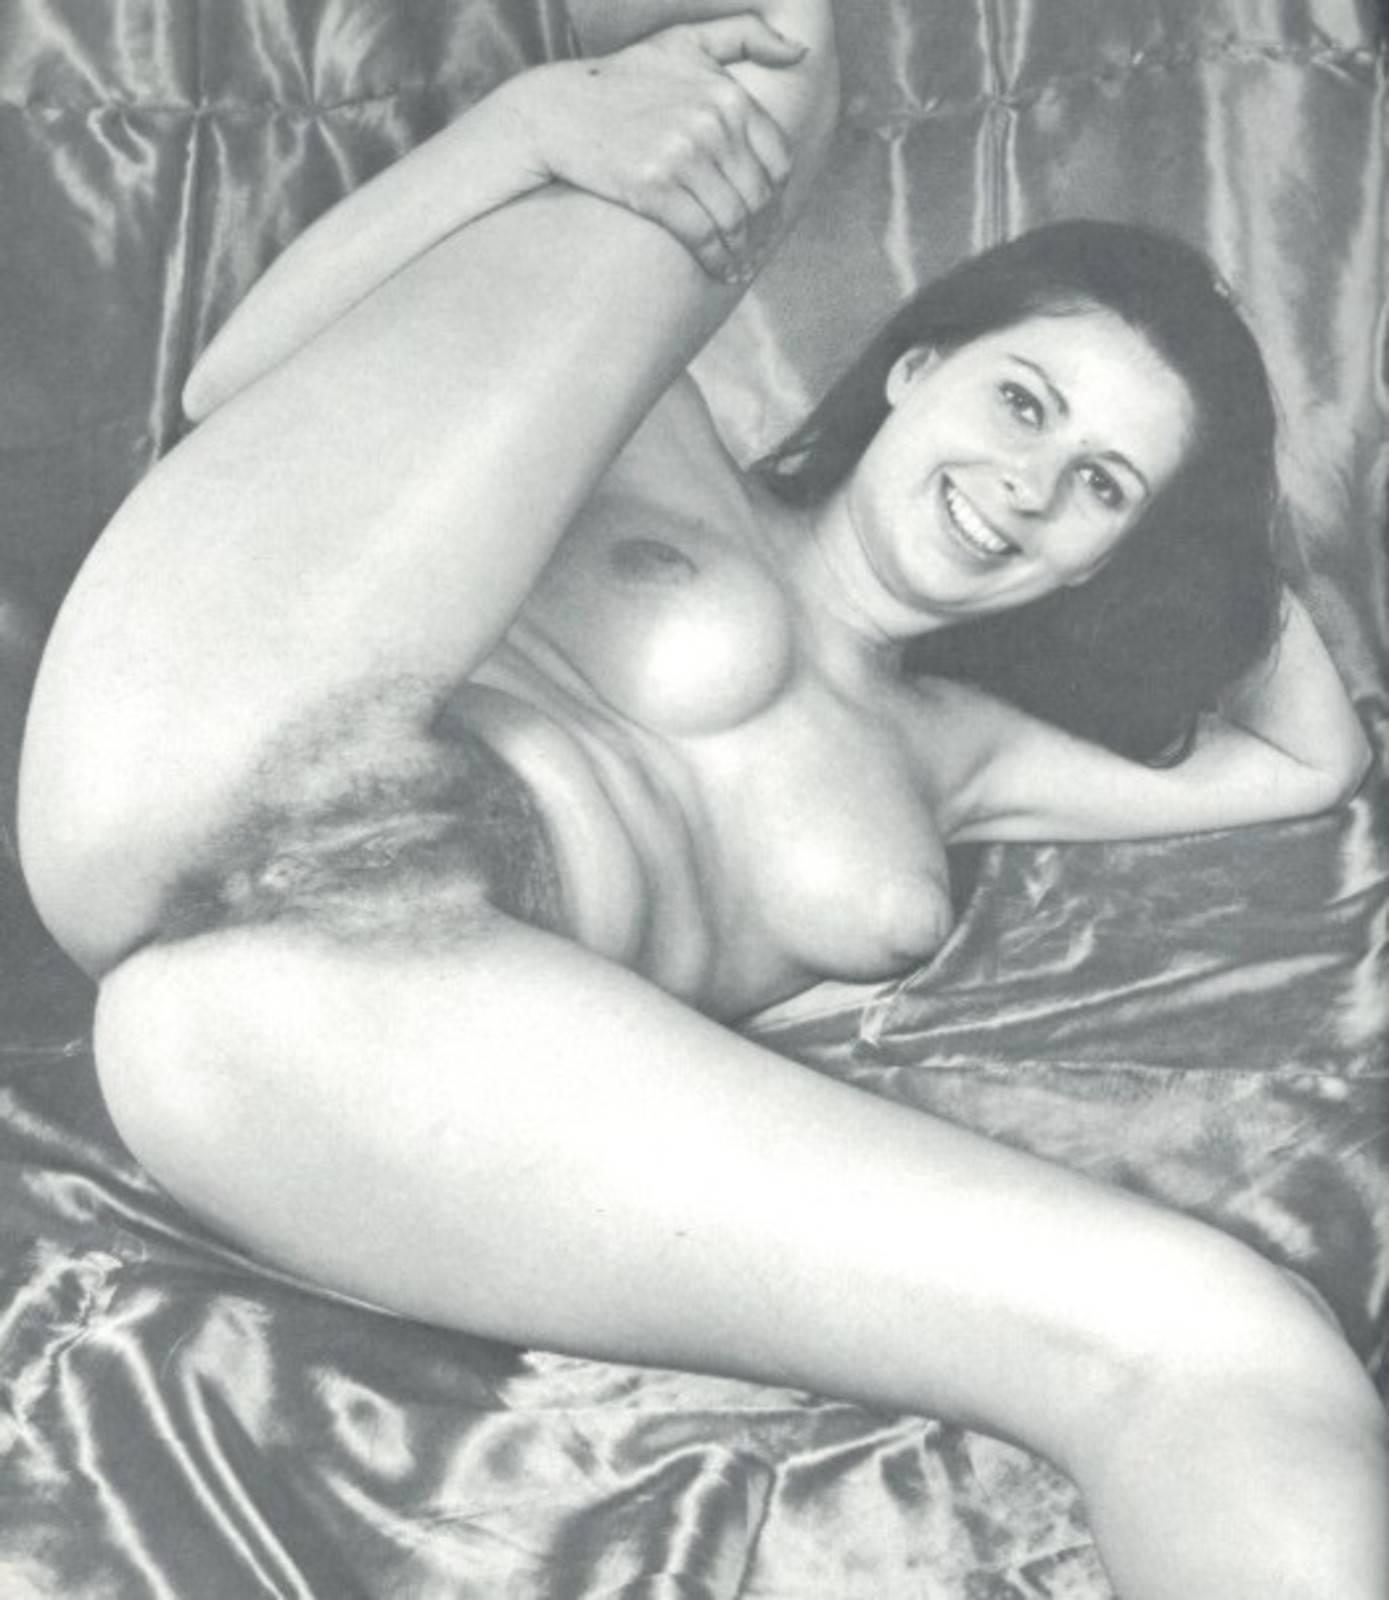 Цветные рисованные женщины порно в 20 том веке 20 фотография